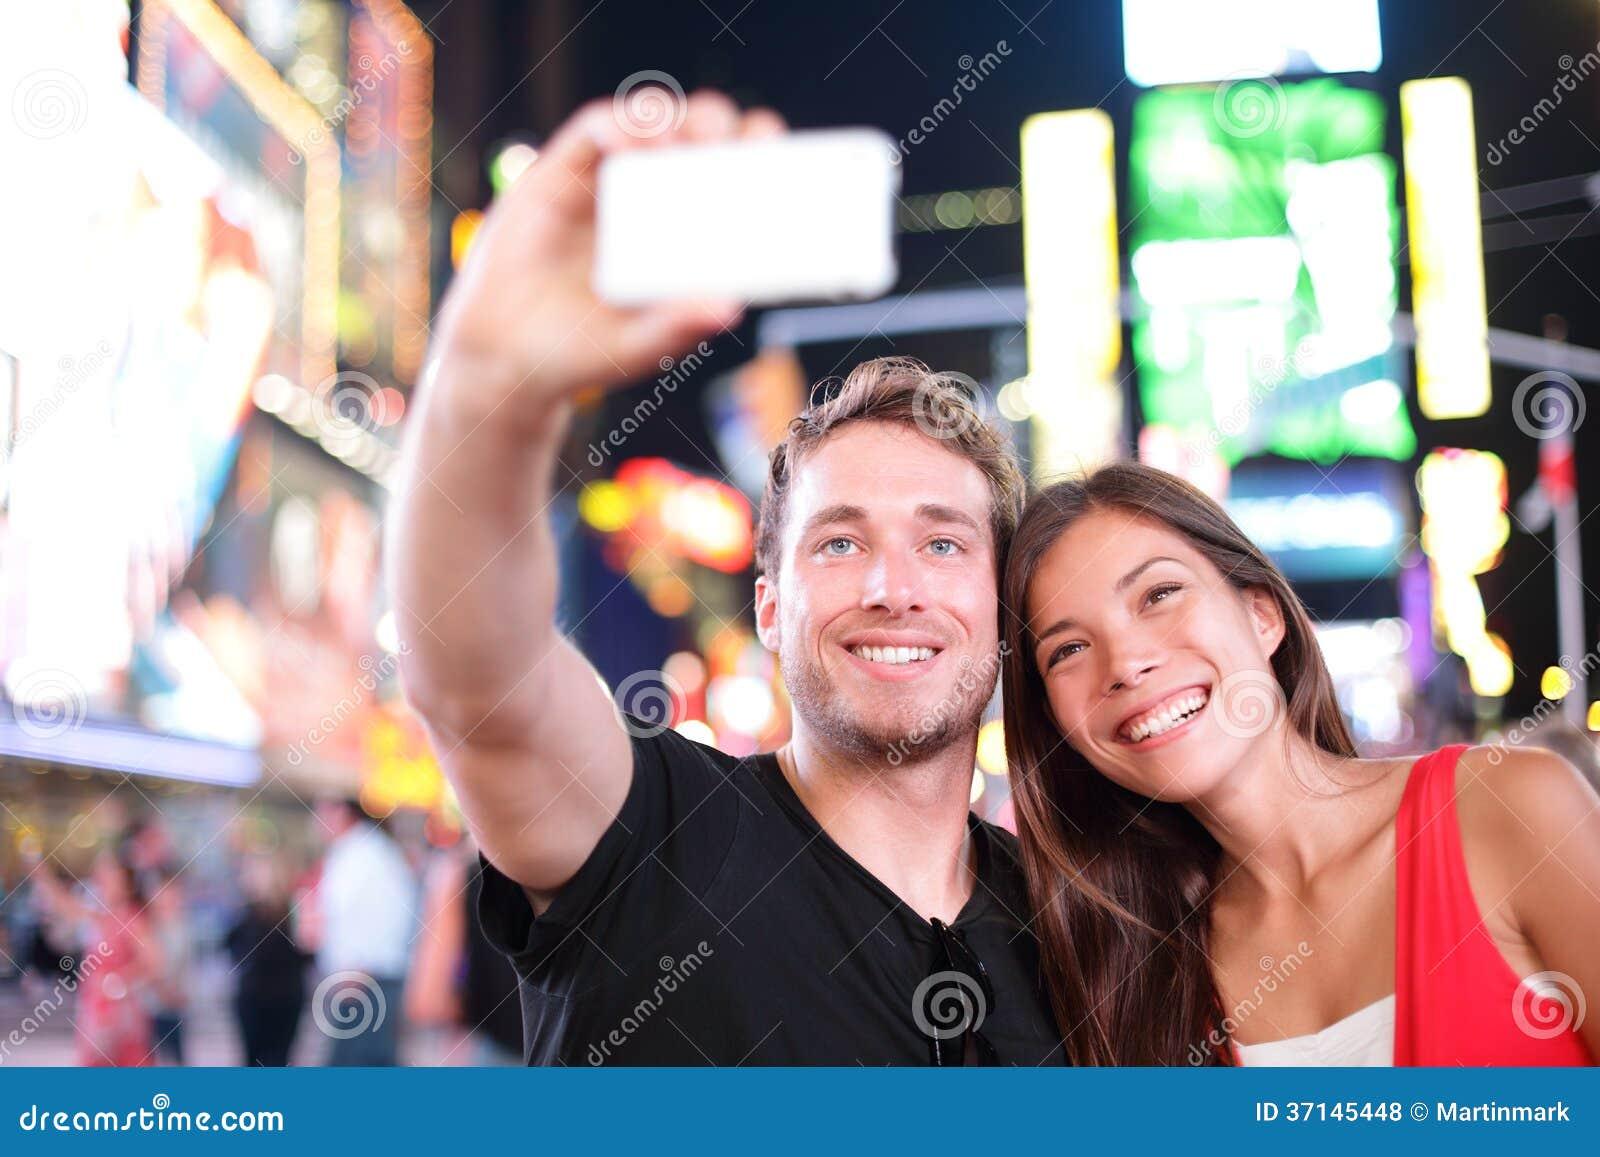 Χρονολογώντας τη νέα ευτυχή ερωτευμένη παίρνοντας selfie φωτογραφία ζευγών στη Times Square, πόλη της Νέας Υόρκης τη νύχτα. Όμορφο